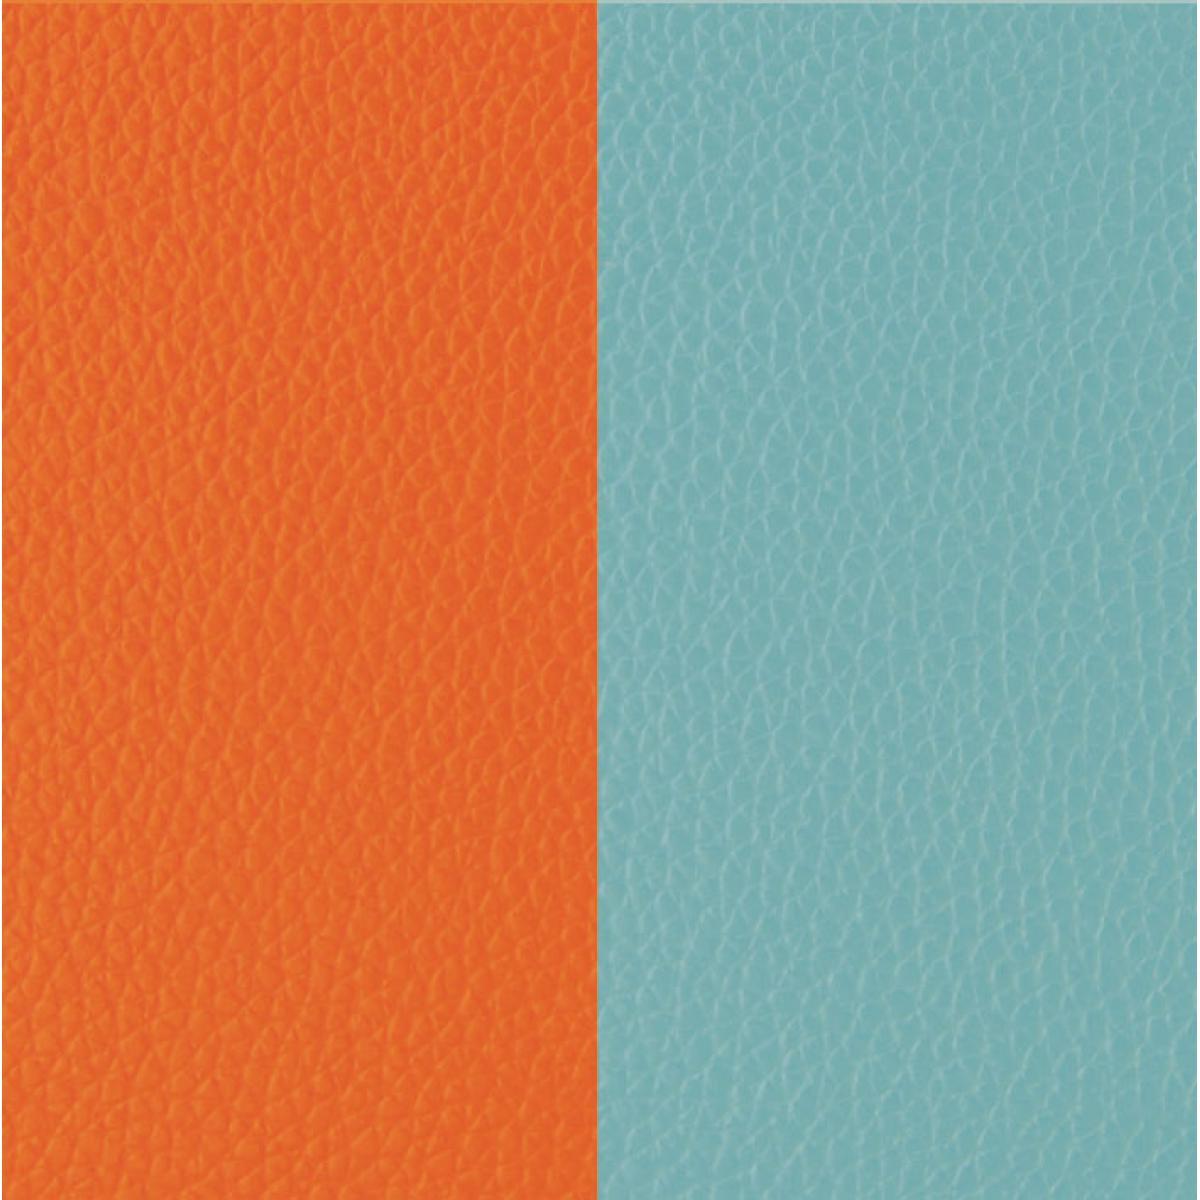 cuir pour bracelet les georgettes cuir orange lilium bleu nimbus cuir pour bracelet reversible interchangeable femme